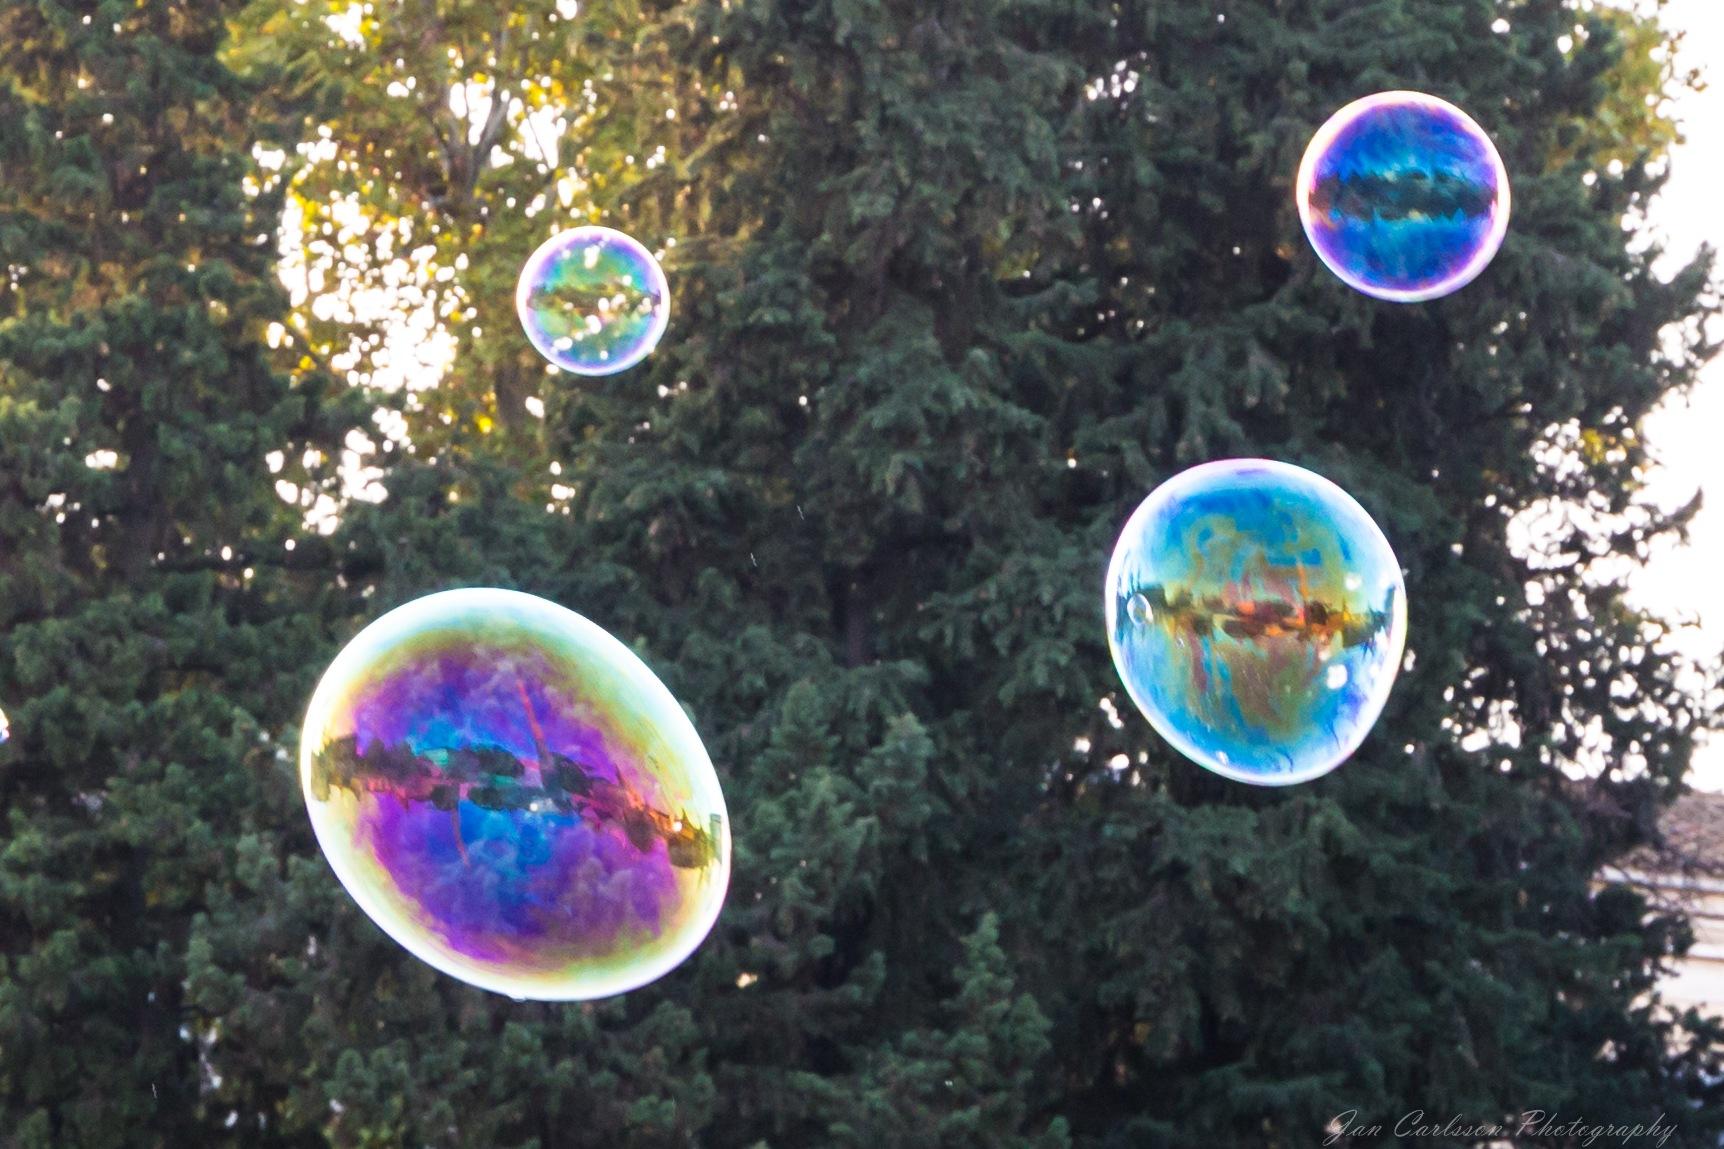 Rome in Bubbles by carljan w carlsson